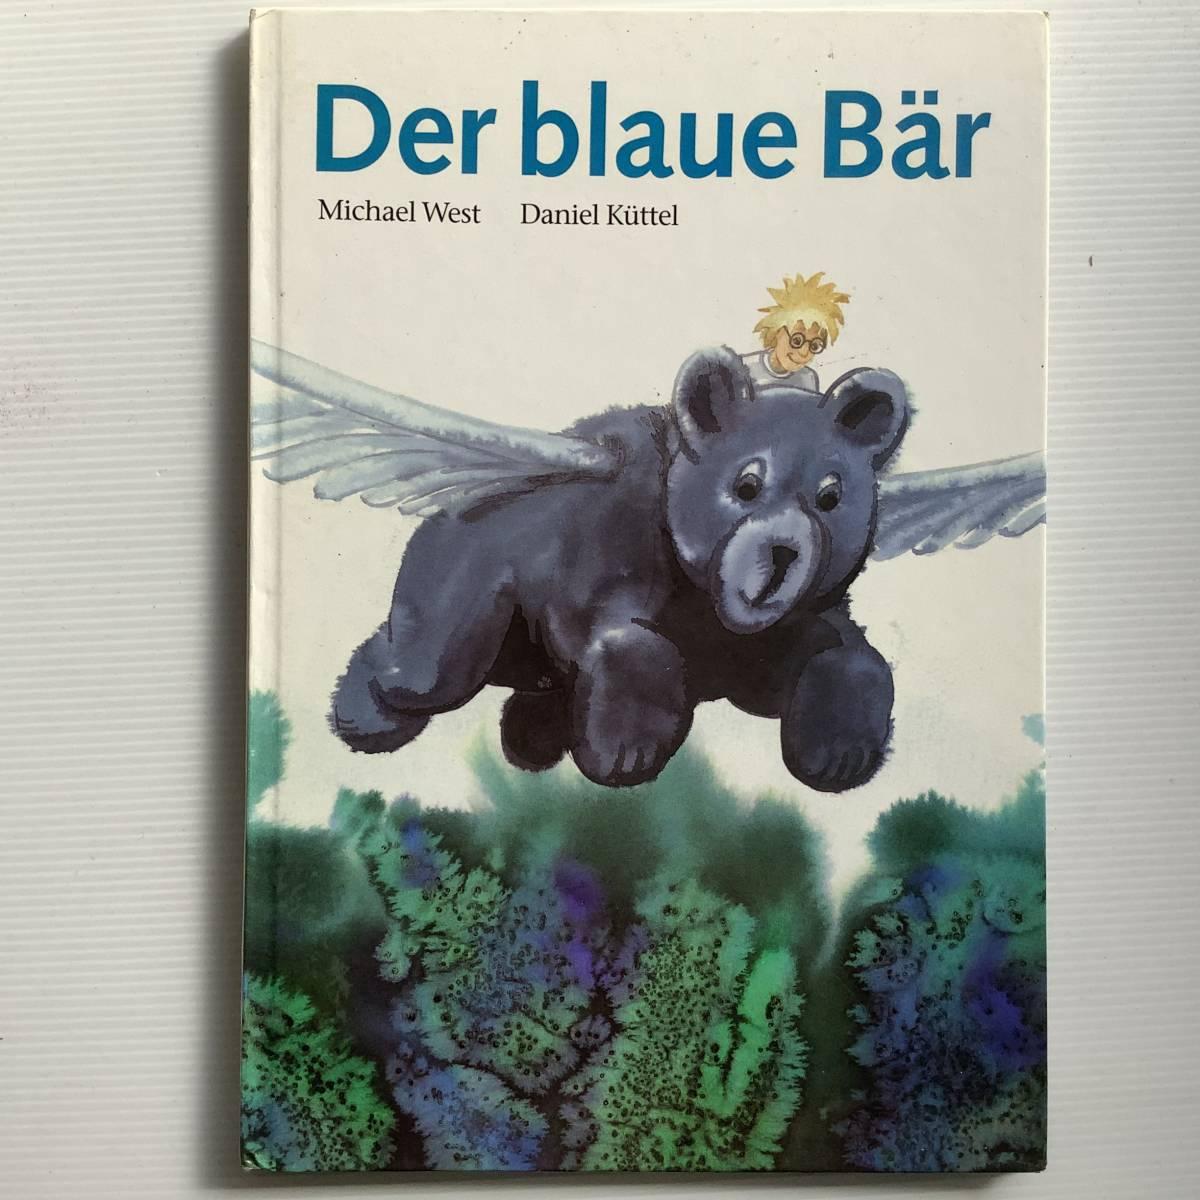 洋書絵本■ARTBOOK_OUTLET■O7-085★送料無料 素敵なイラストを楽しむ 空飛ぶ青いクマ ドイツ 1991年 Der blaue Bar ハードカバー 入手困難